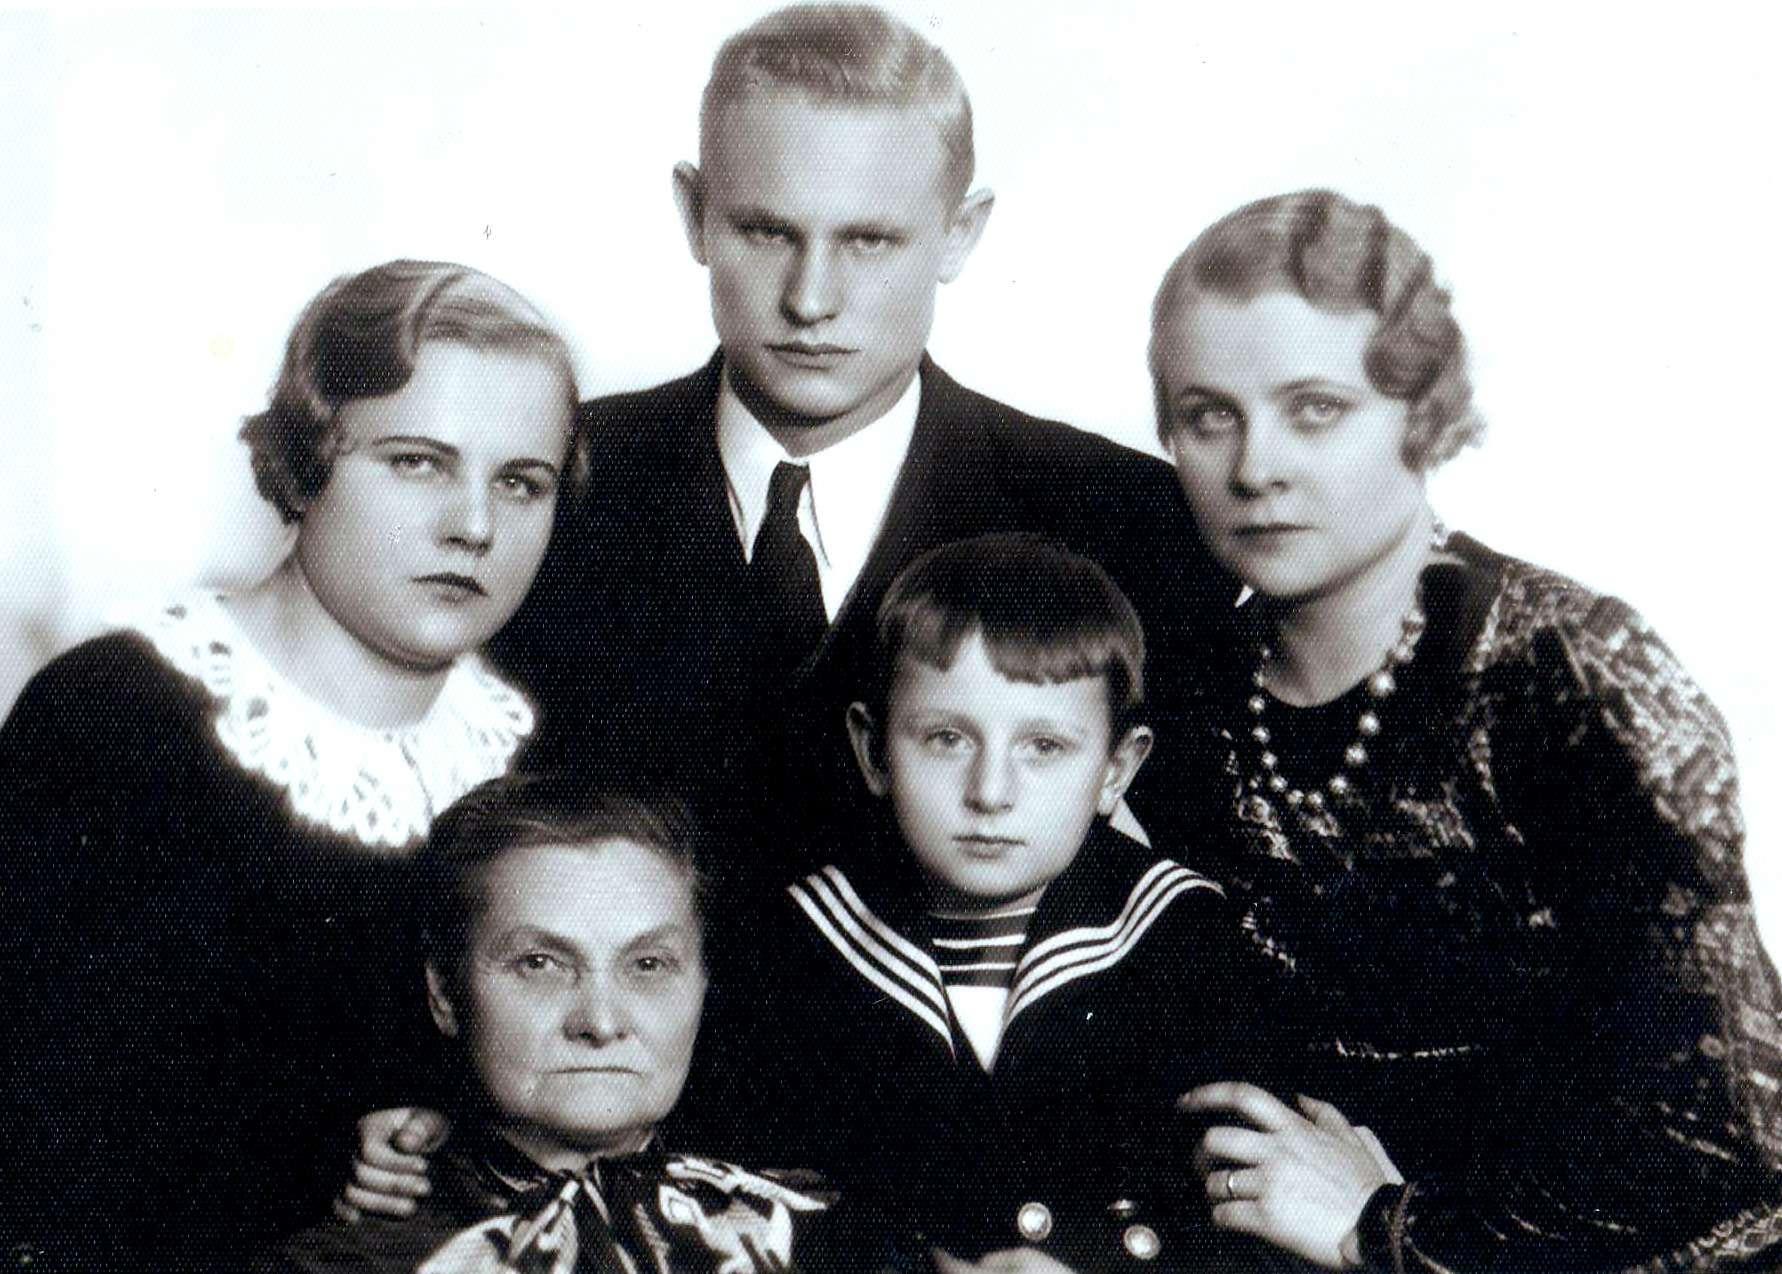 Centre Adolfas Rimgaudas, jam iš dešinės mama Nadiežda, iš kairės močiutė Tatjana, antrame plane mamos sesuo Ona ir brolis Mykolas, apie 1936 m. | V. Žygas asmeninė nuotr.